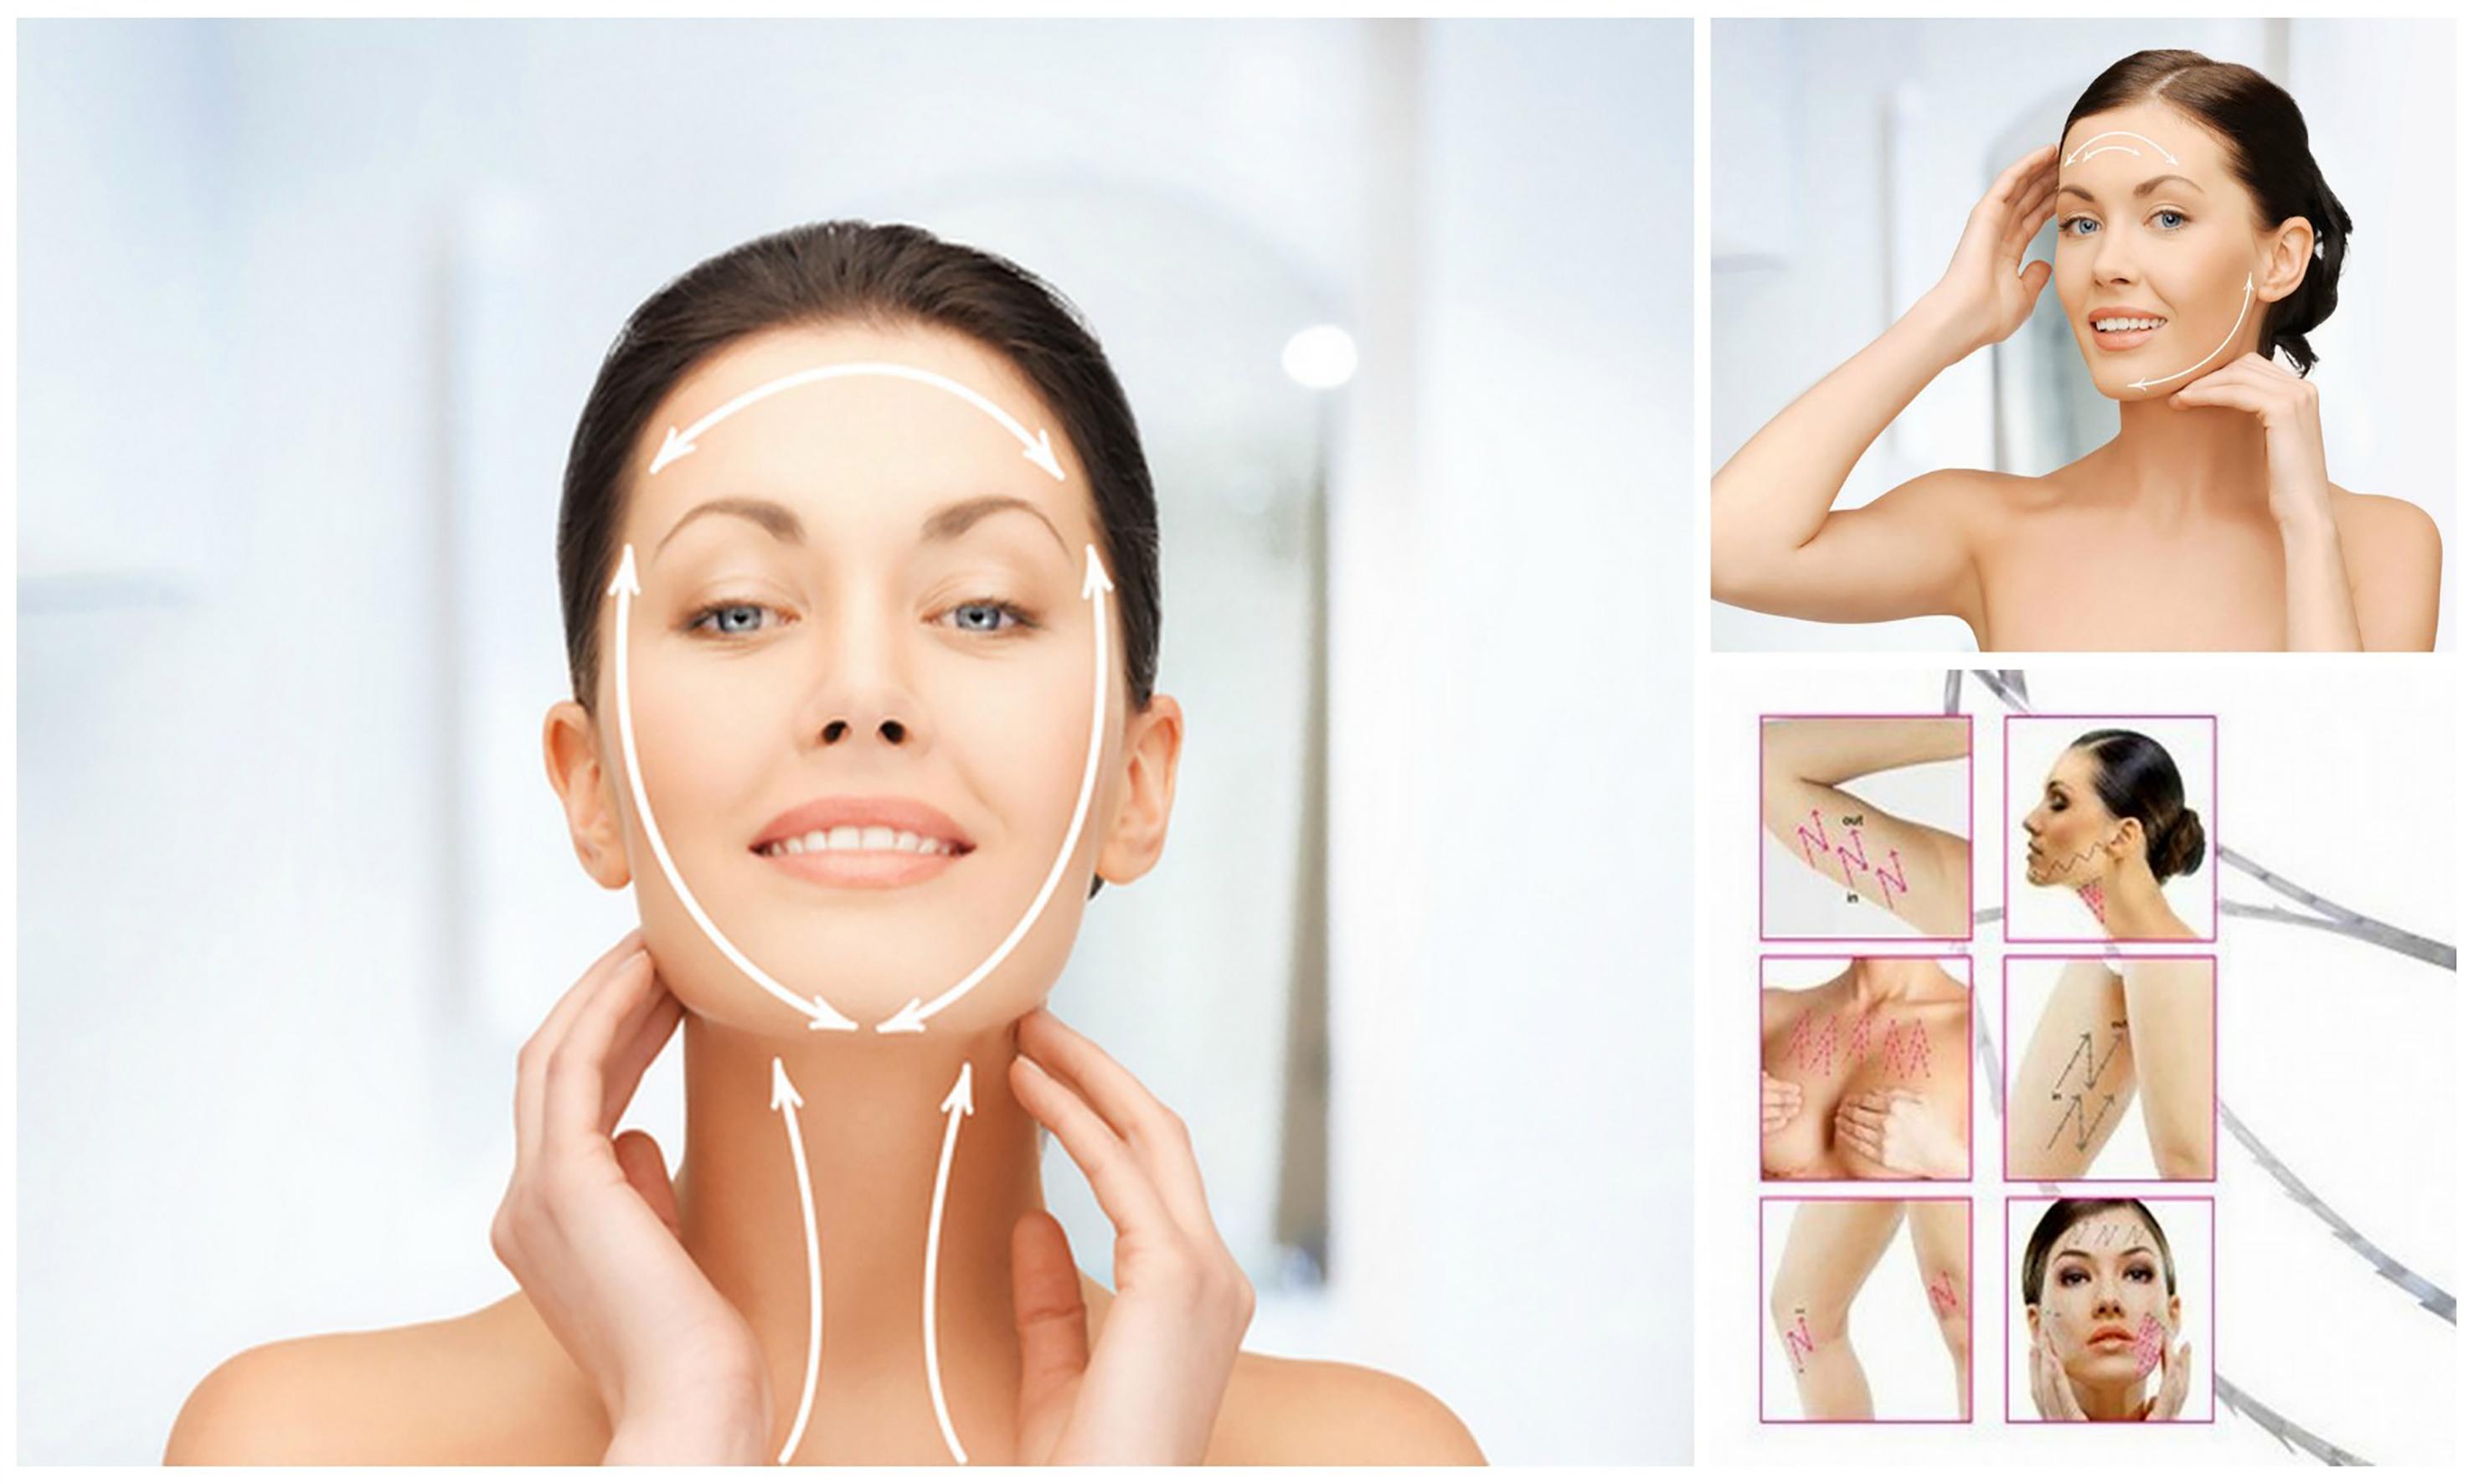 Что такое лифтинг? косметическая процедура по подтяжке кожи. лифтинг лица